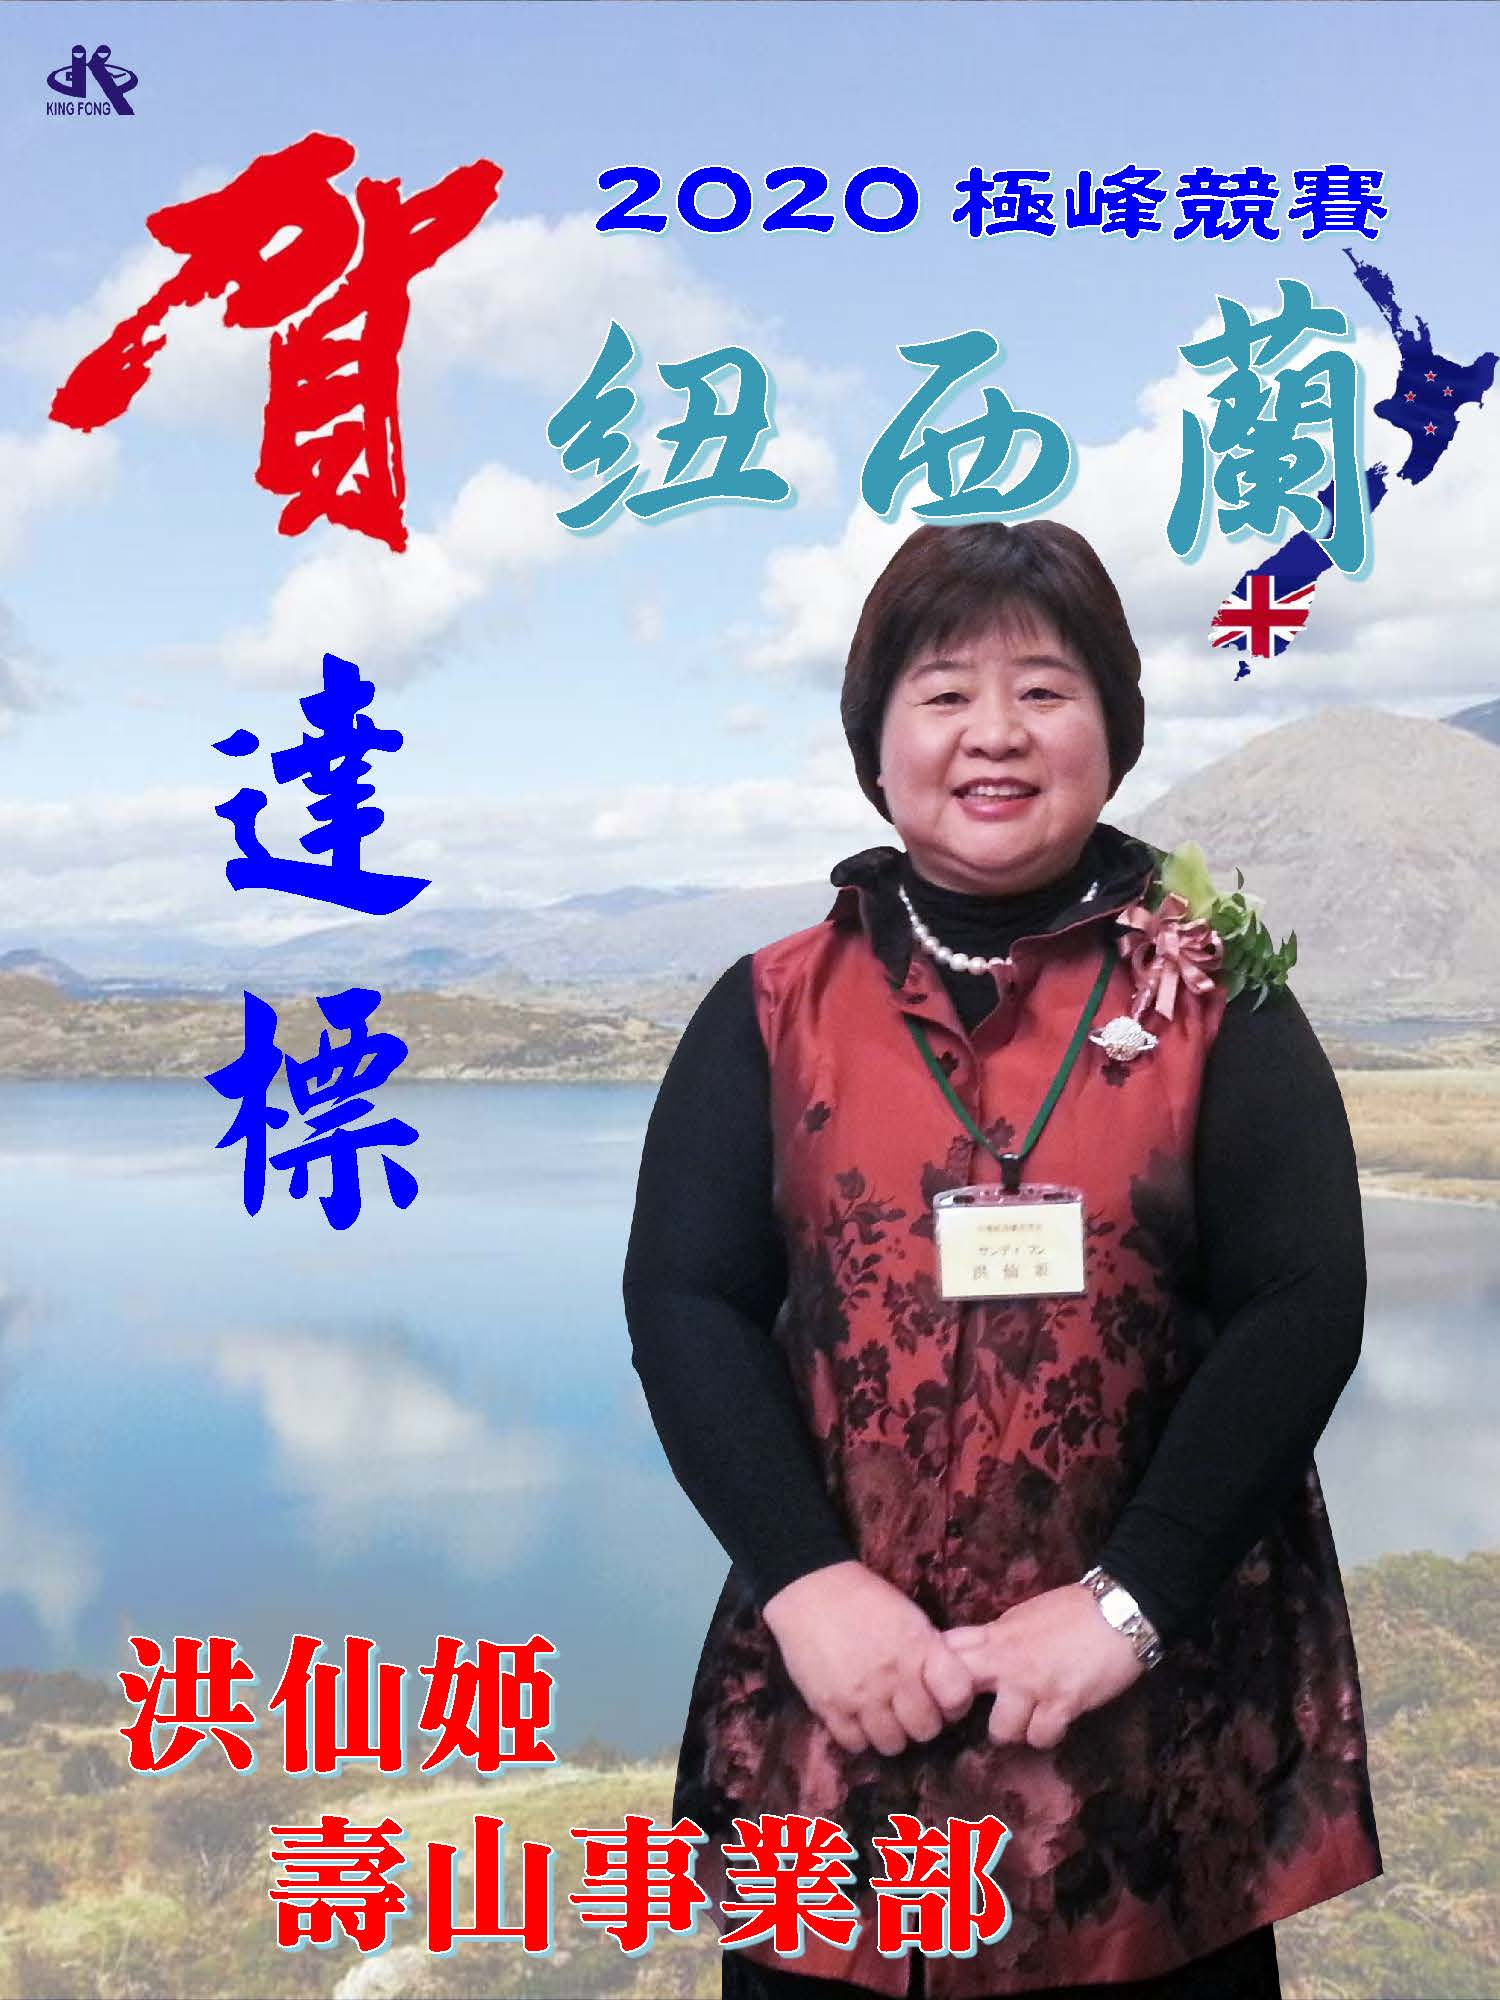 20200707-2020年極峰競賽紐西蘭英雄榜-洪仙姬